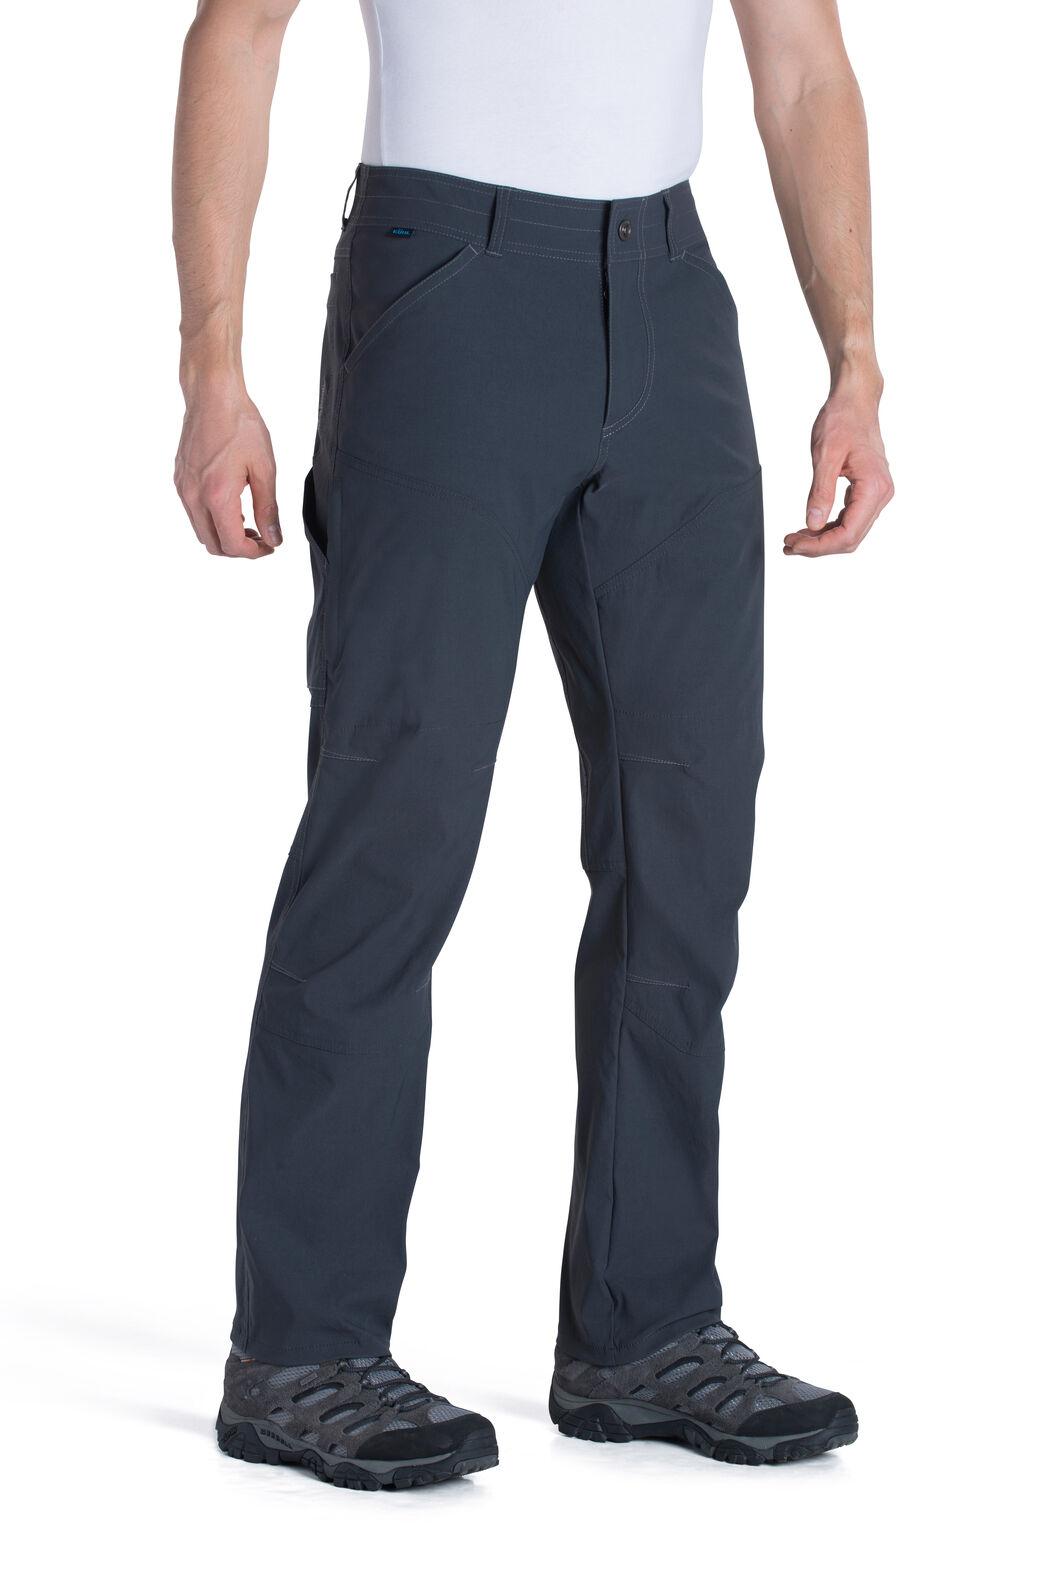 Kuhl Renegade Pants (32 inch) - Men's, Black, hi-res